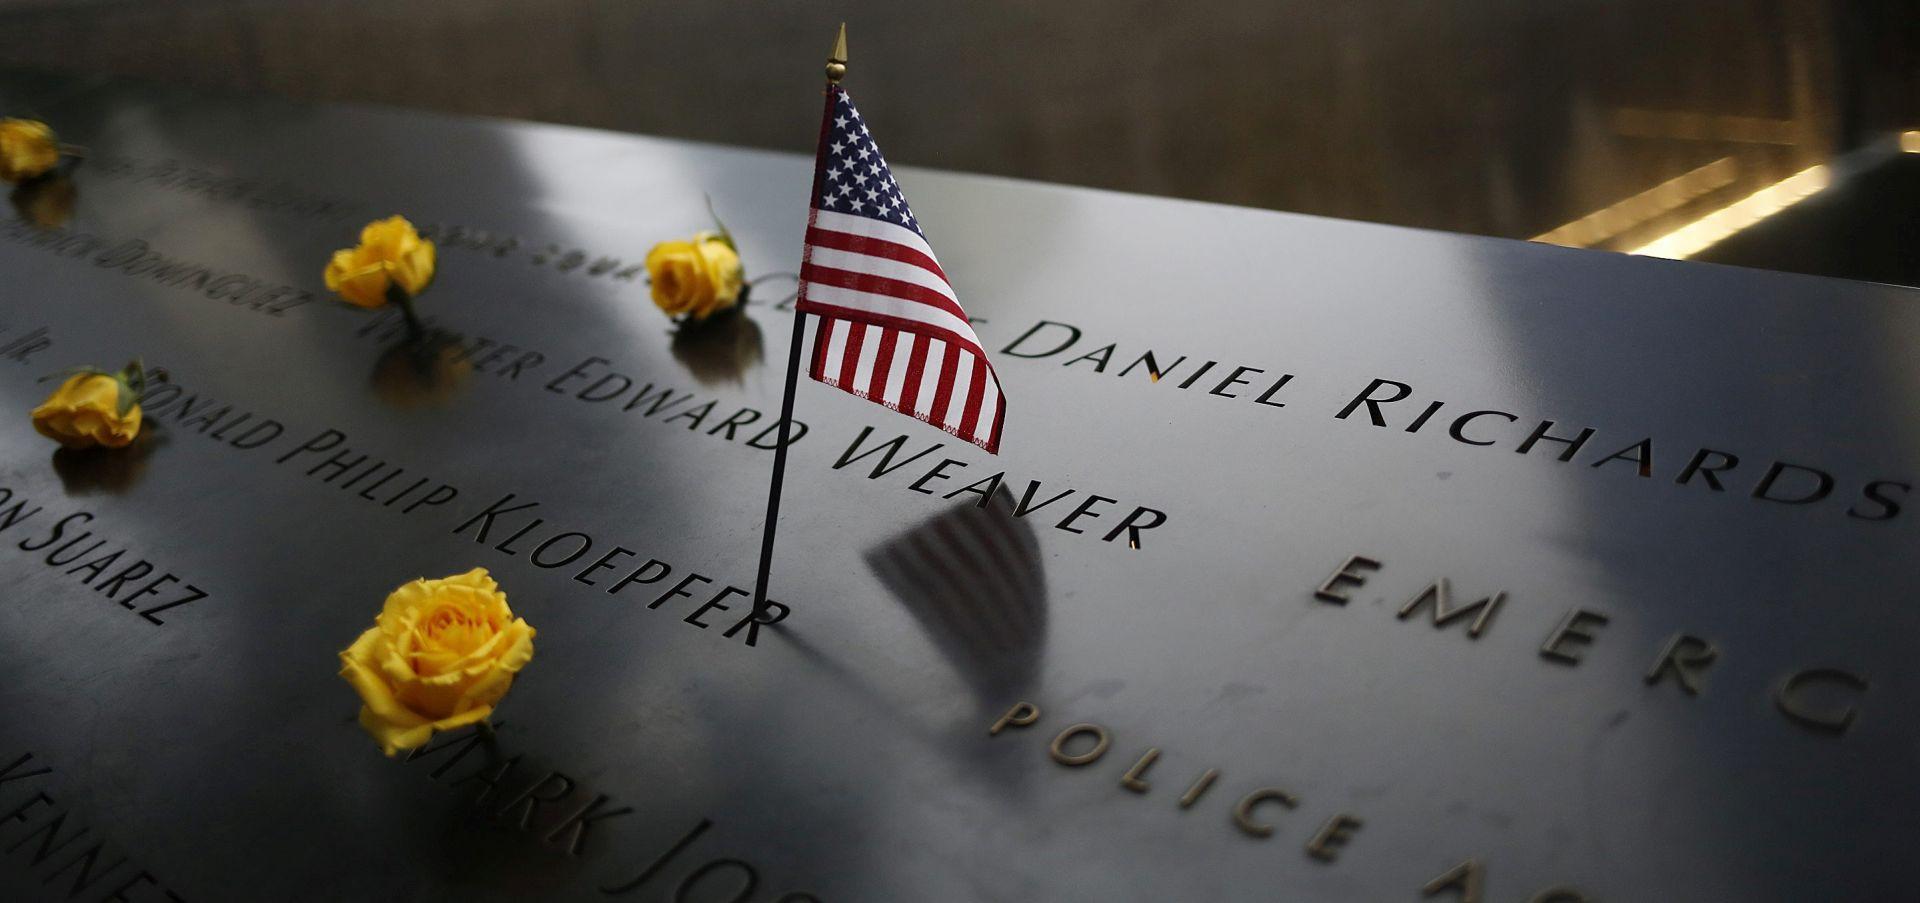 SAD se sjeća žrtava 15 godina nakon terorističkih napada 11. rujna